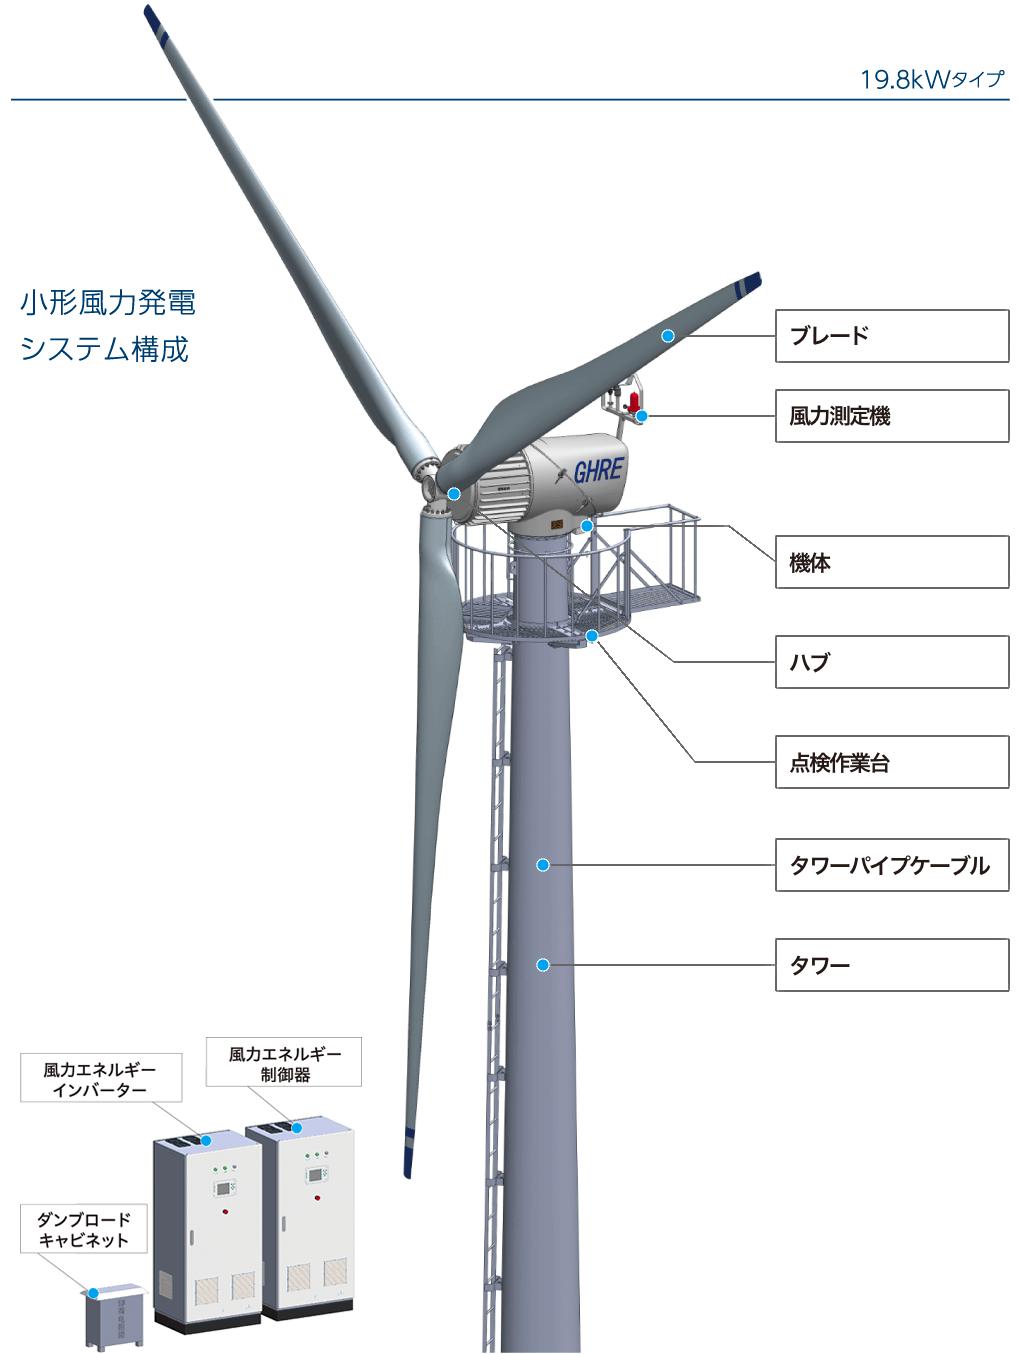 小型風力発電機メーカー「ウィンパワー」を徹底解説!の説明画像その2